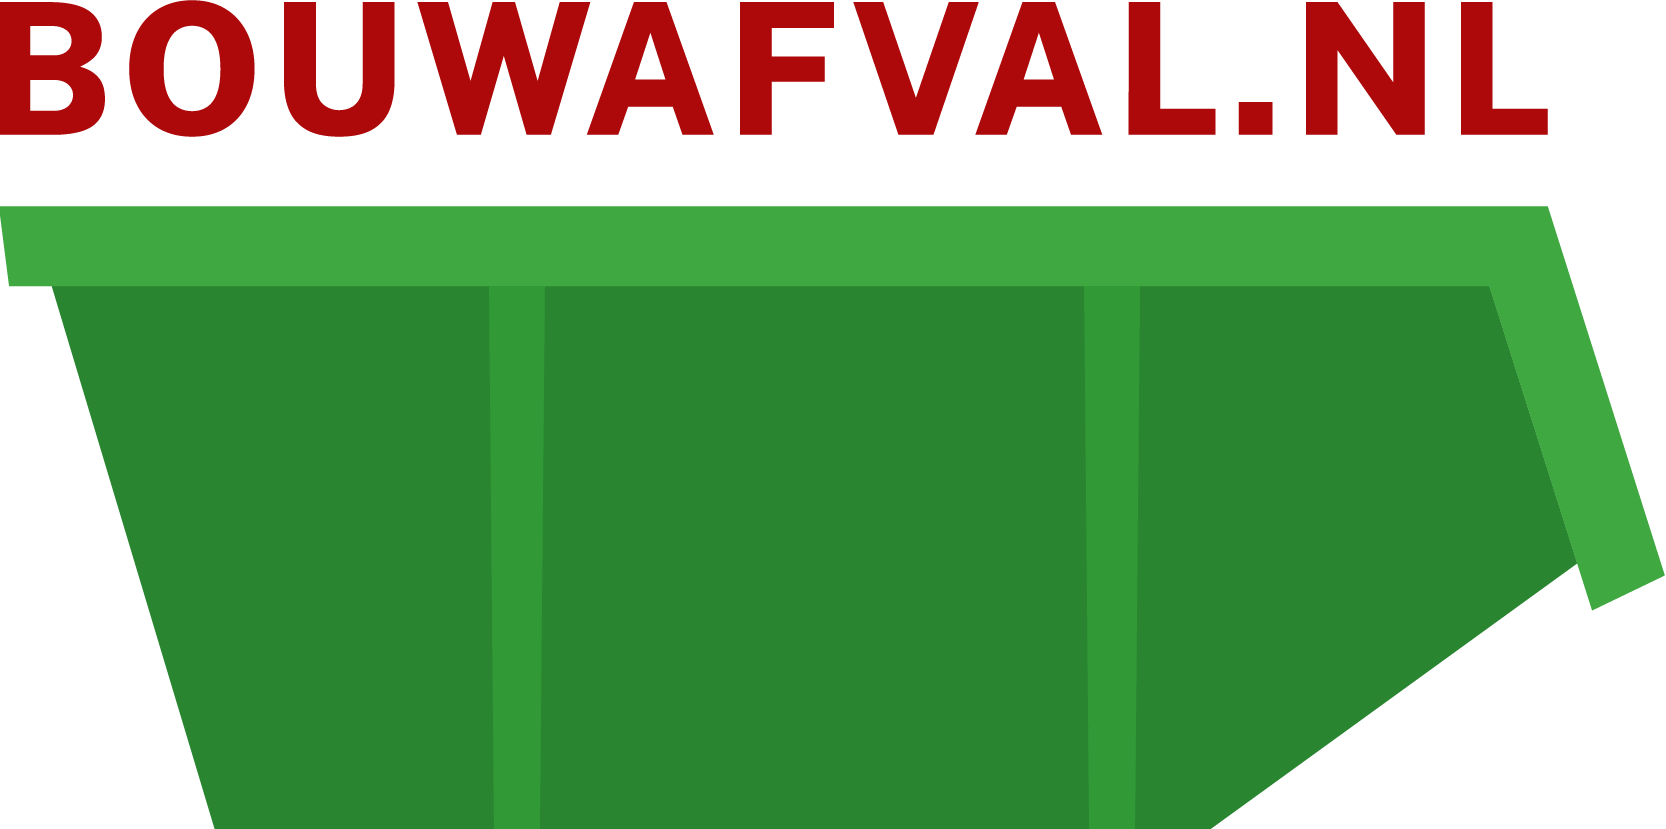 Bouwafval.nl